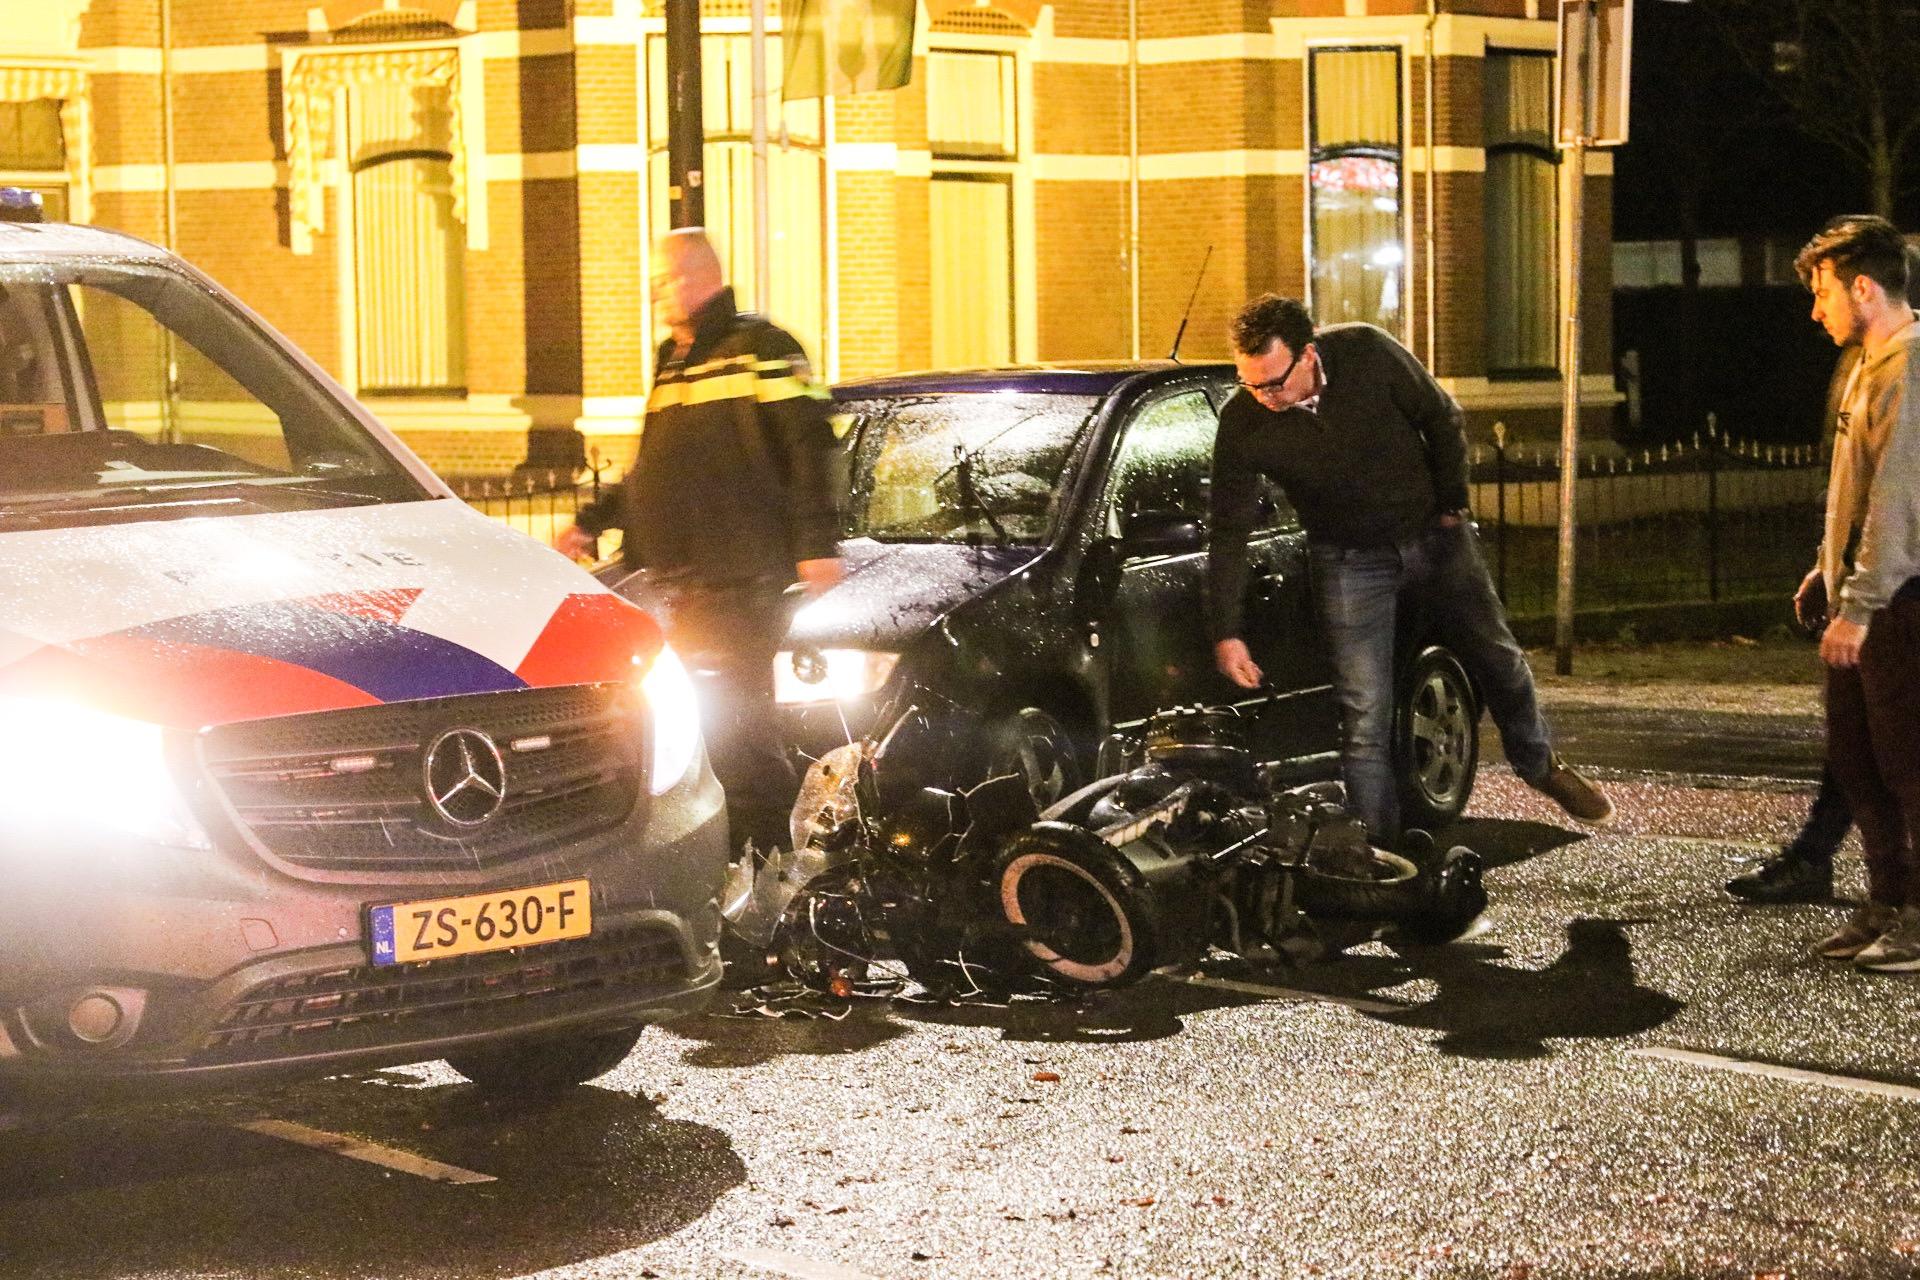 Scooterrijdster botst vol tegen afslaande auto